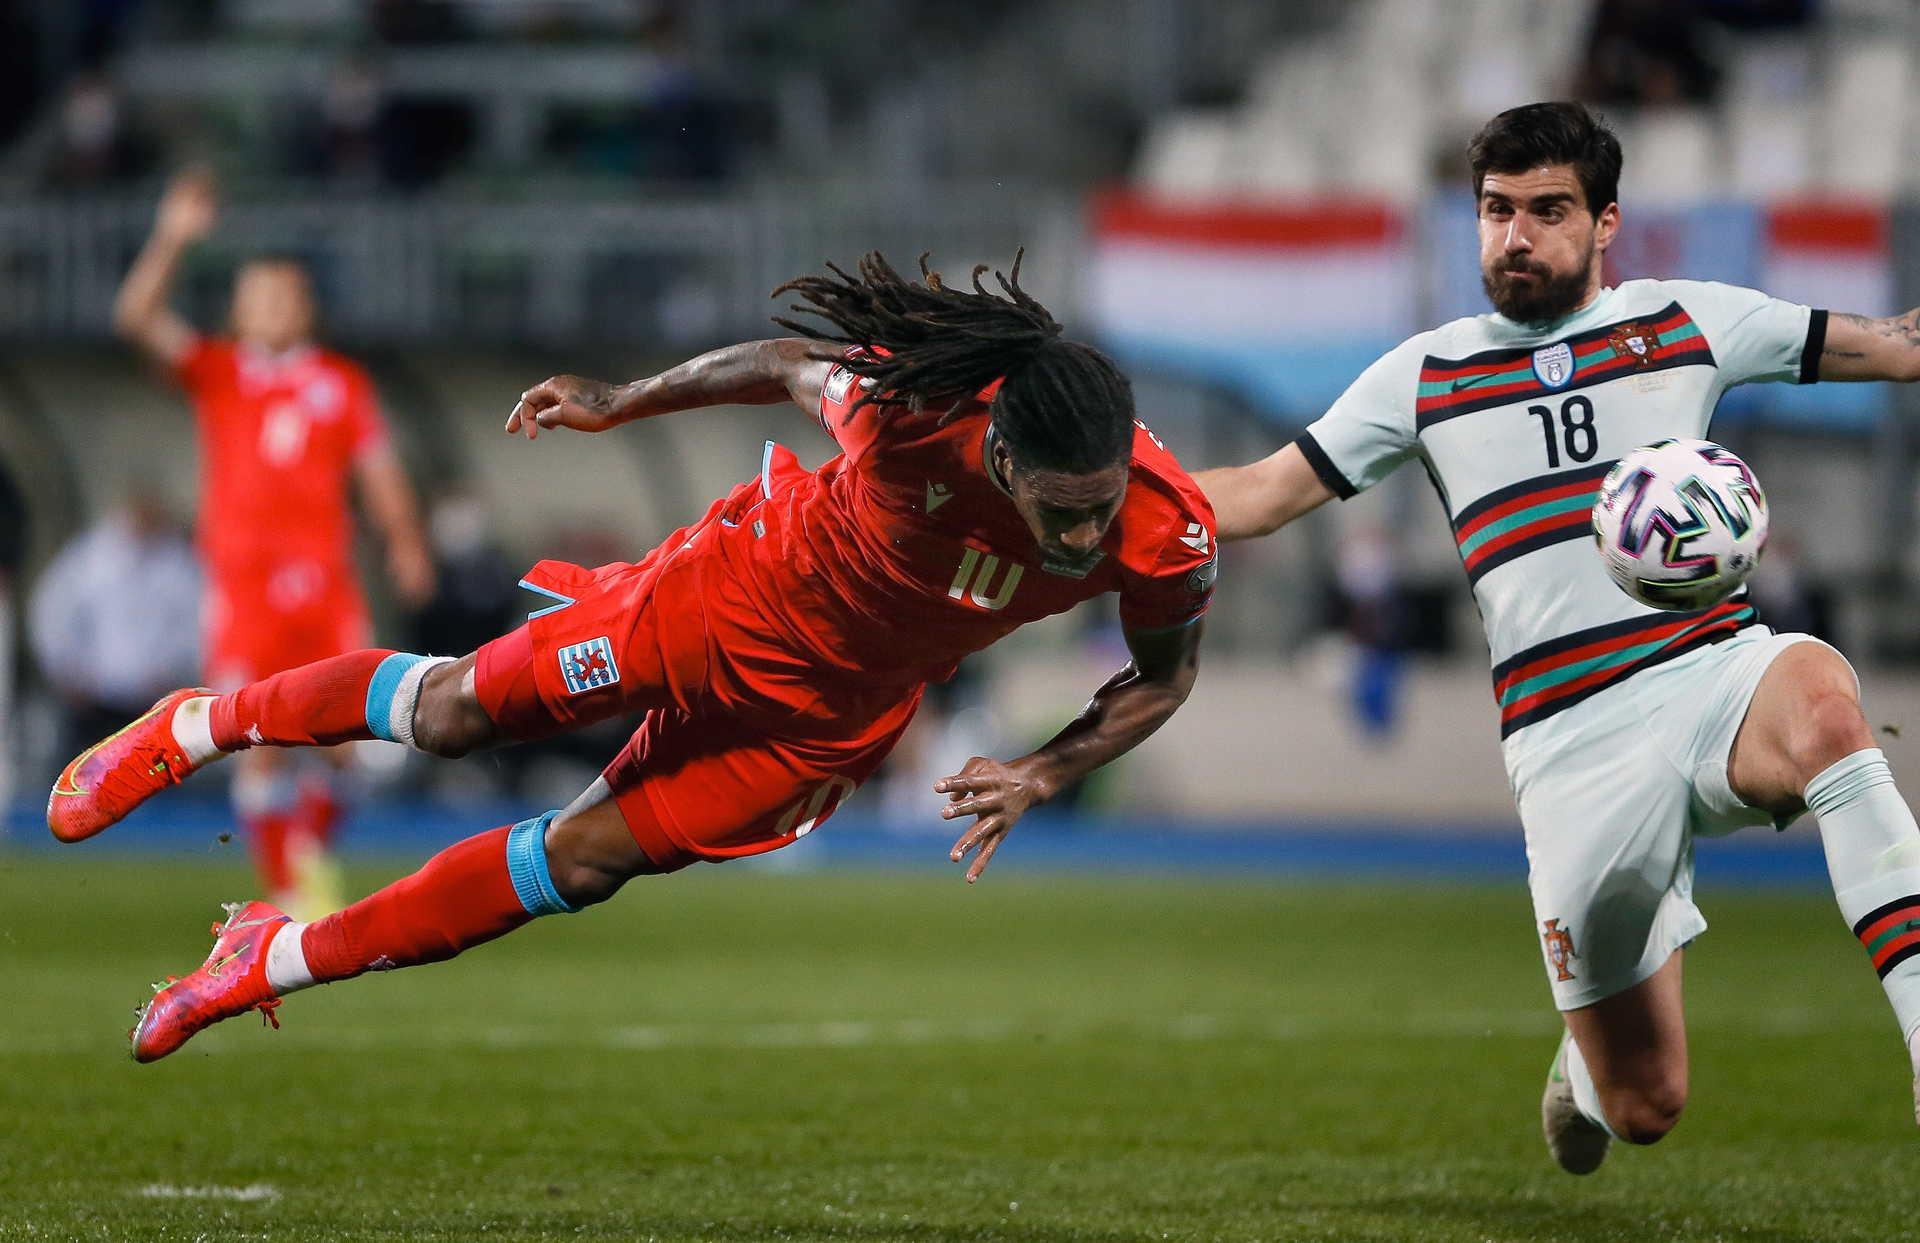 Rodrigues đưa Luxembourg vượt lên. Ảnh: Jornal.